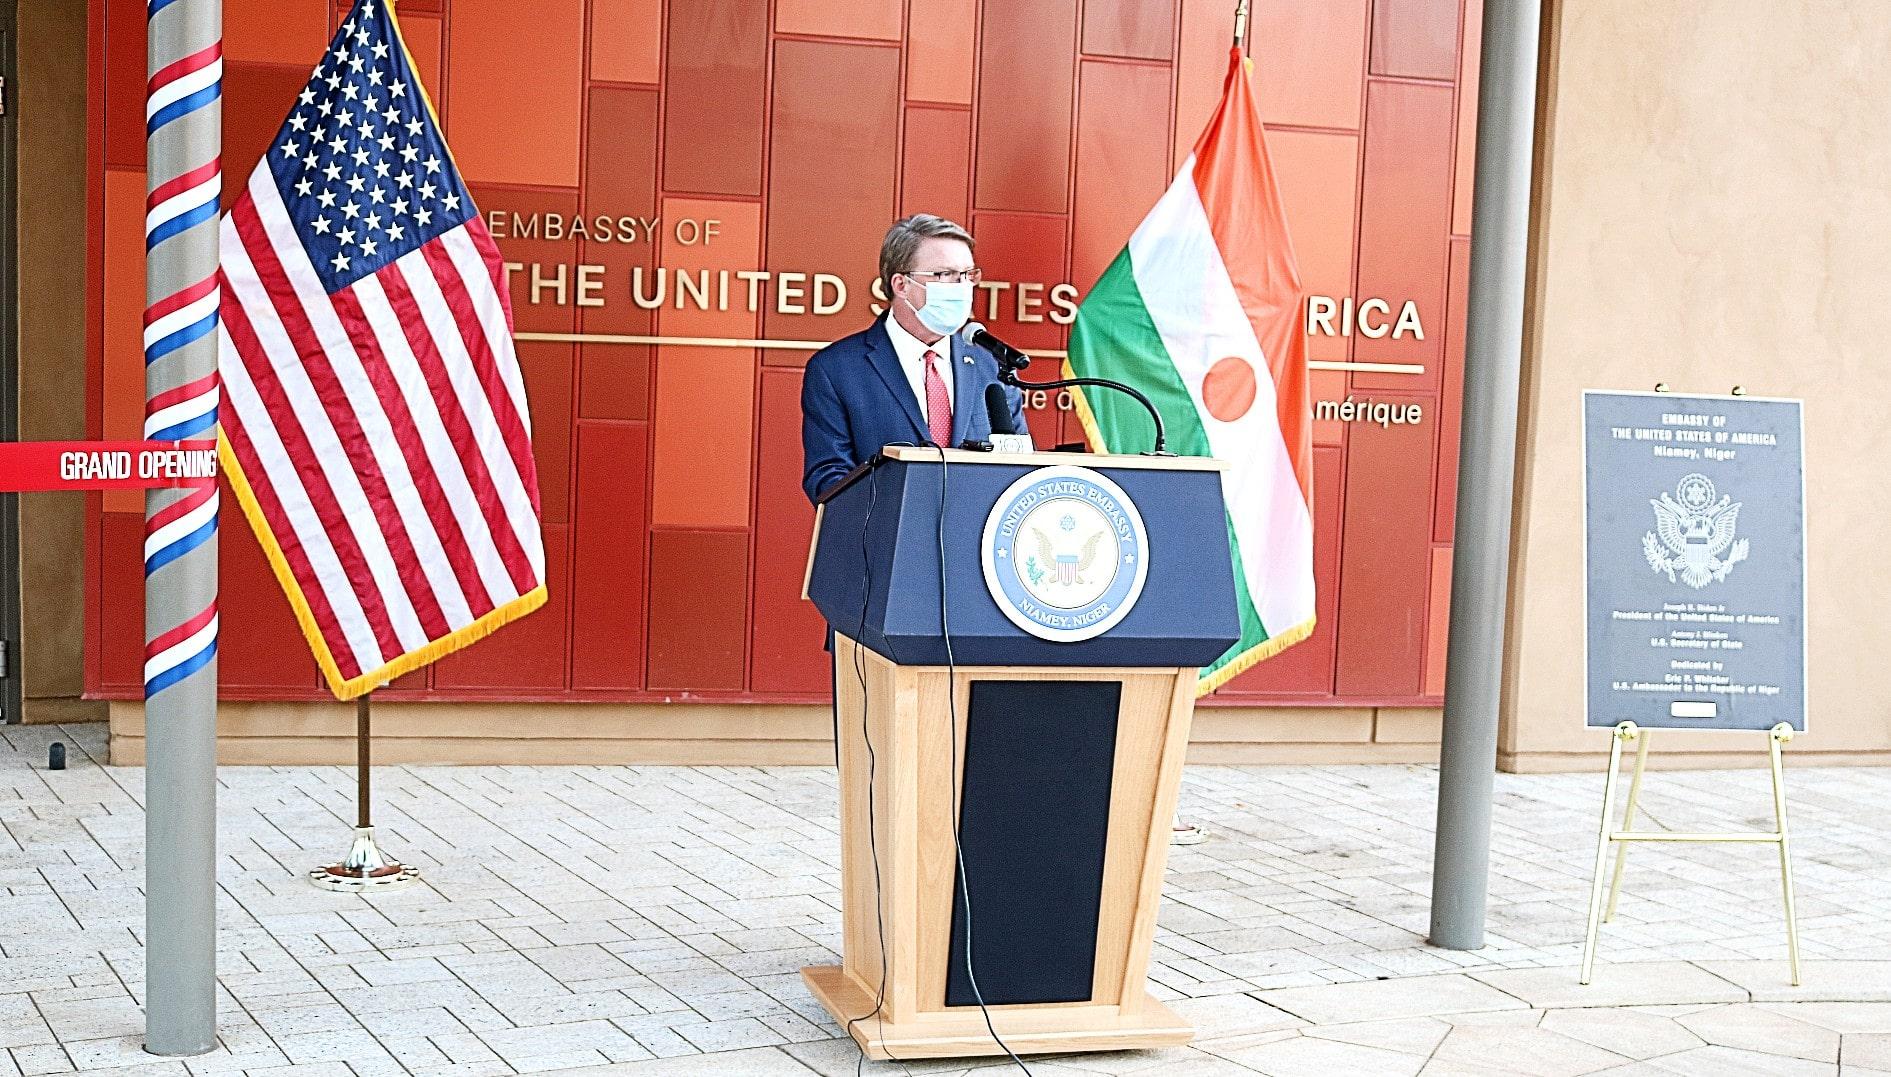 Le Nouveau Bâtiment de Notre Ambassade : Preuve d'un Engagement Durable envers le Niger